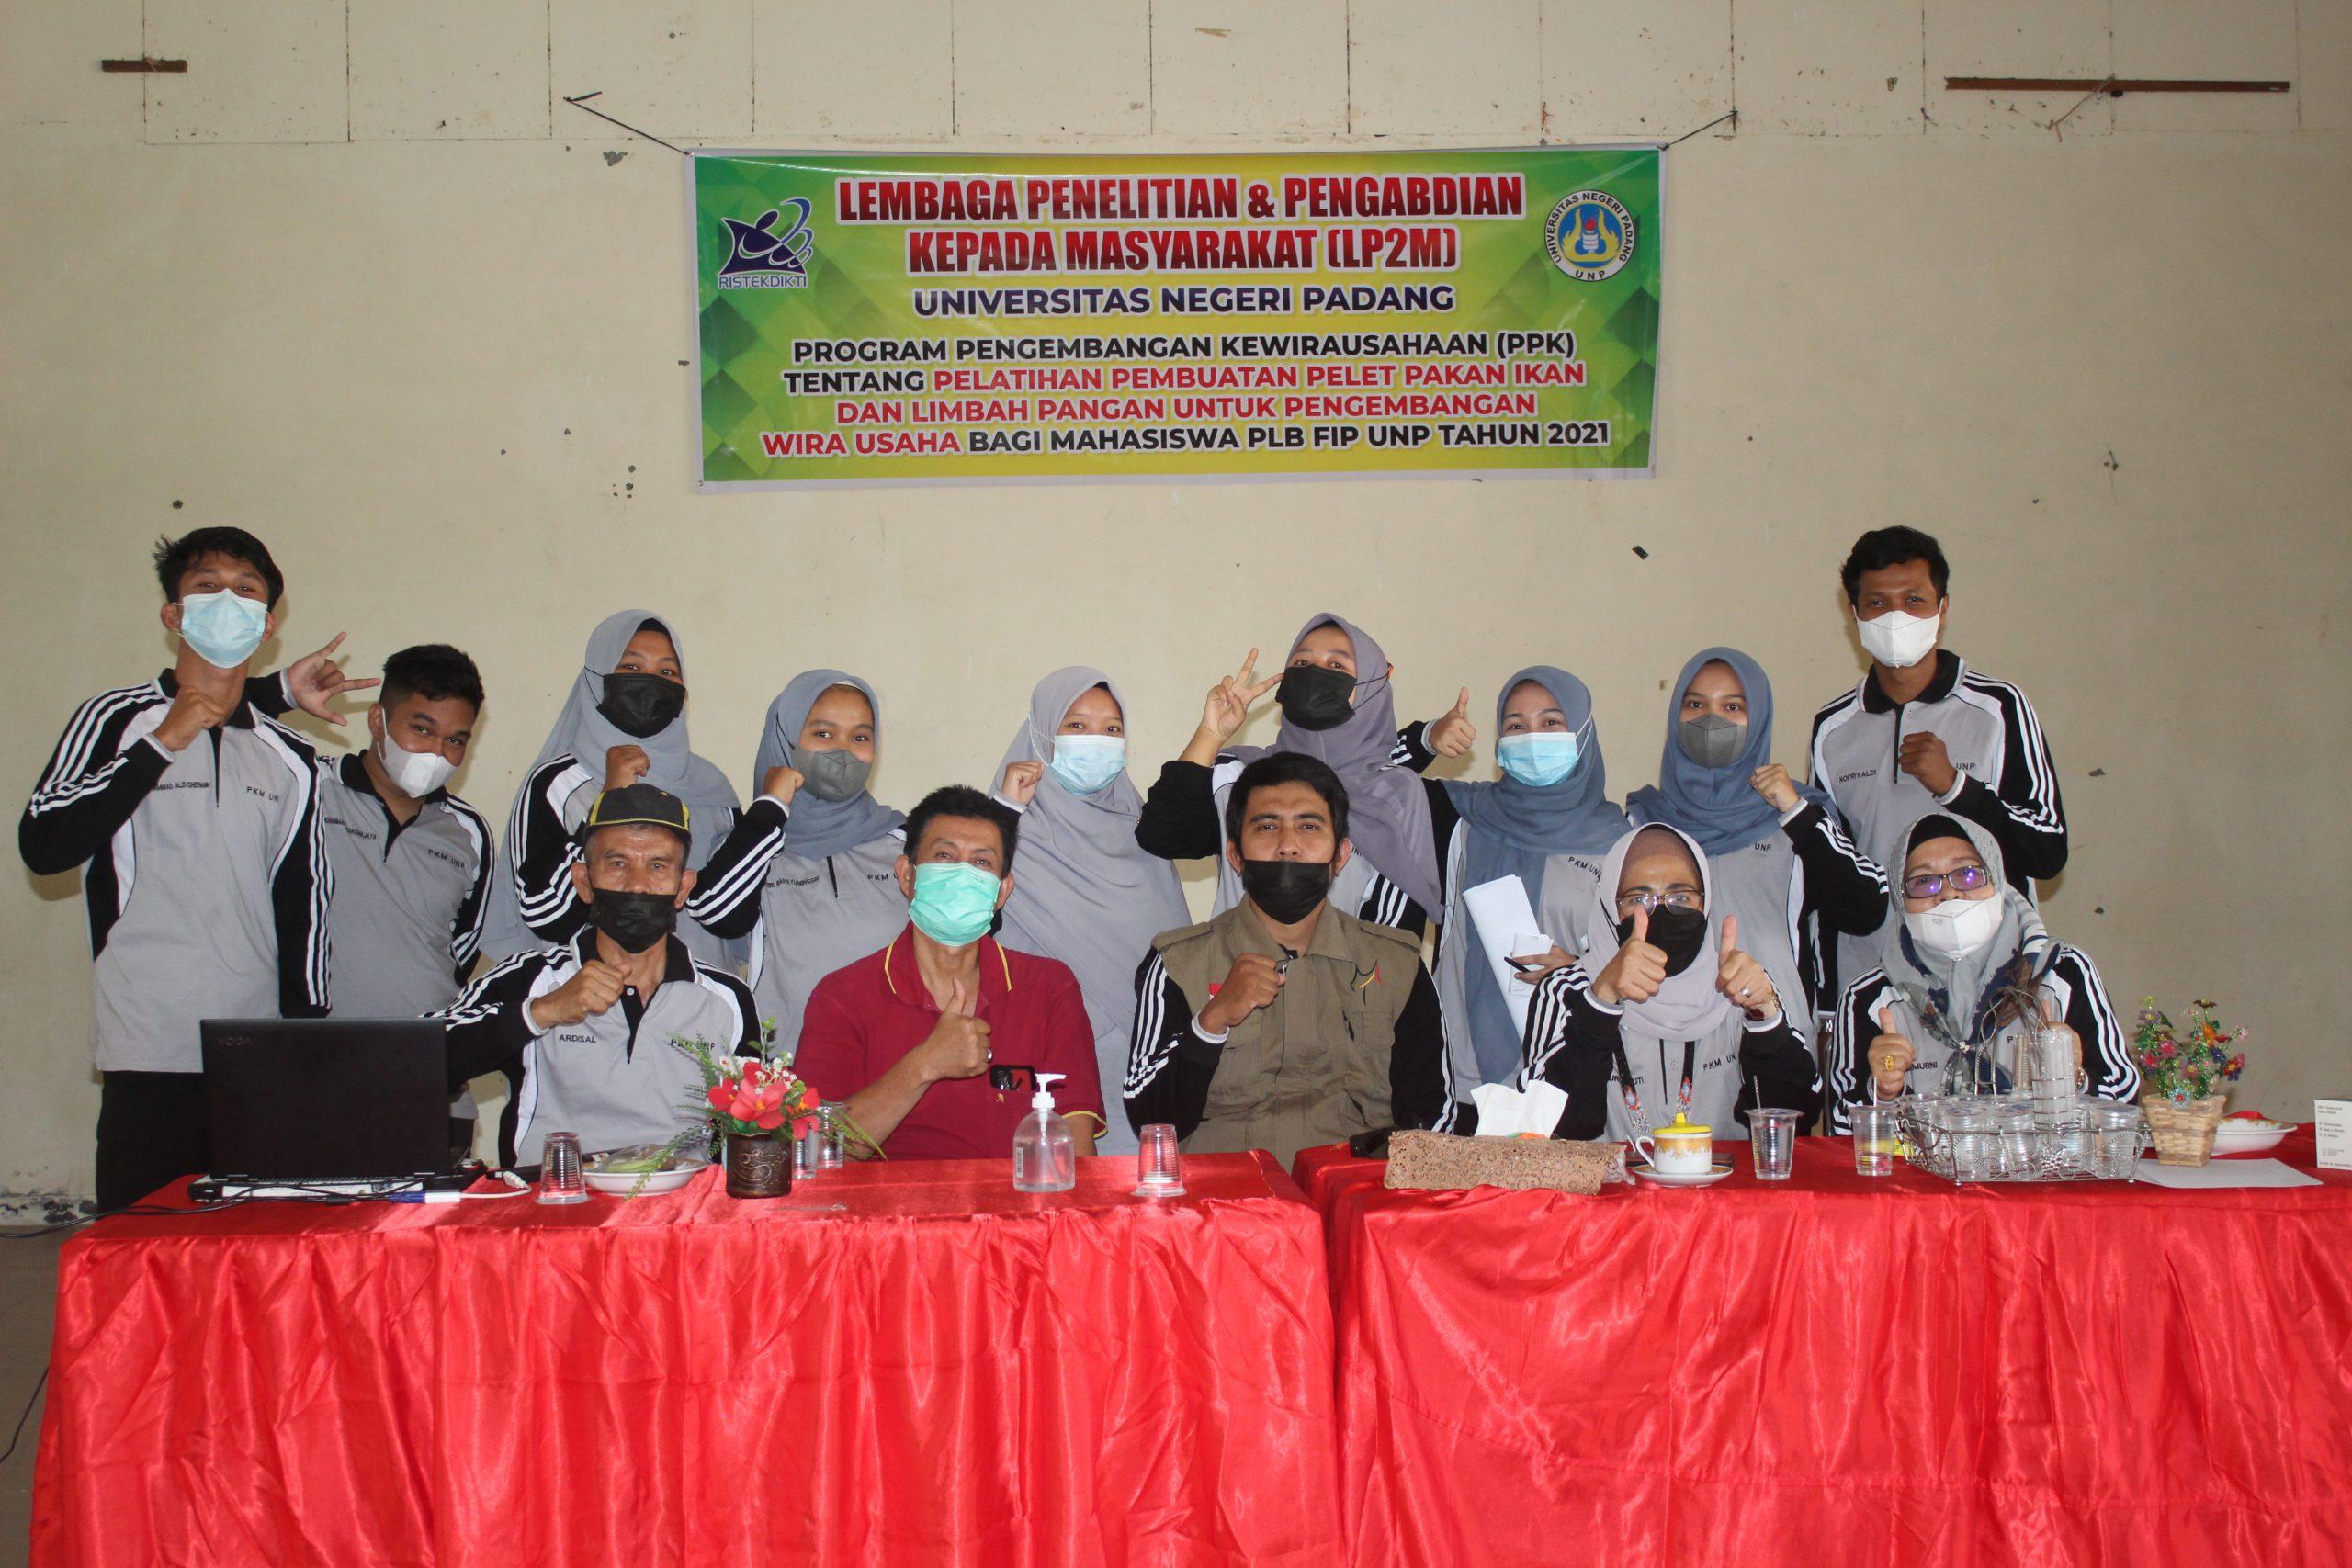 Pelatihan Pembuatan Pelet Pakan Ikan dari Limbah Pangan bagi Mahasiswa PLB FIP UNP